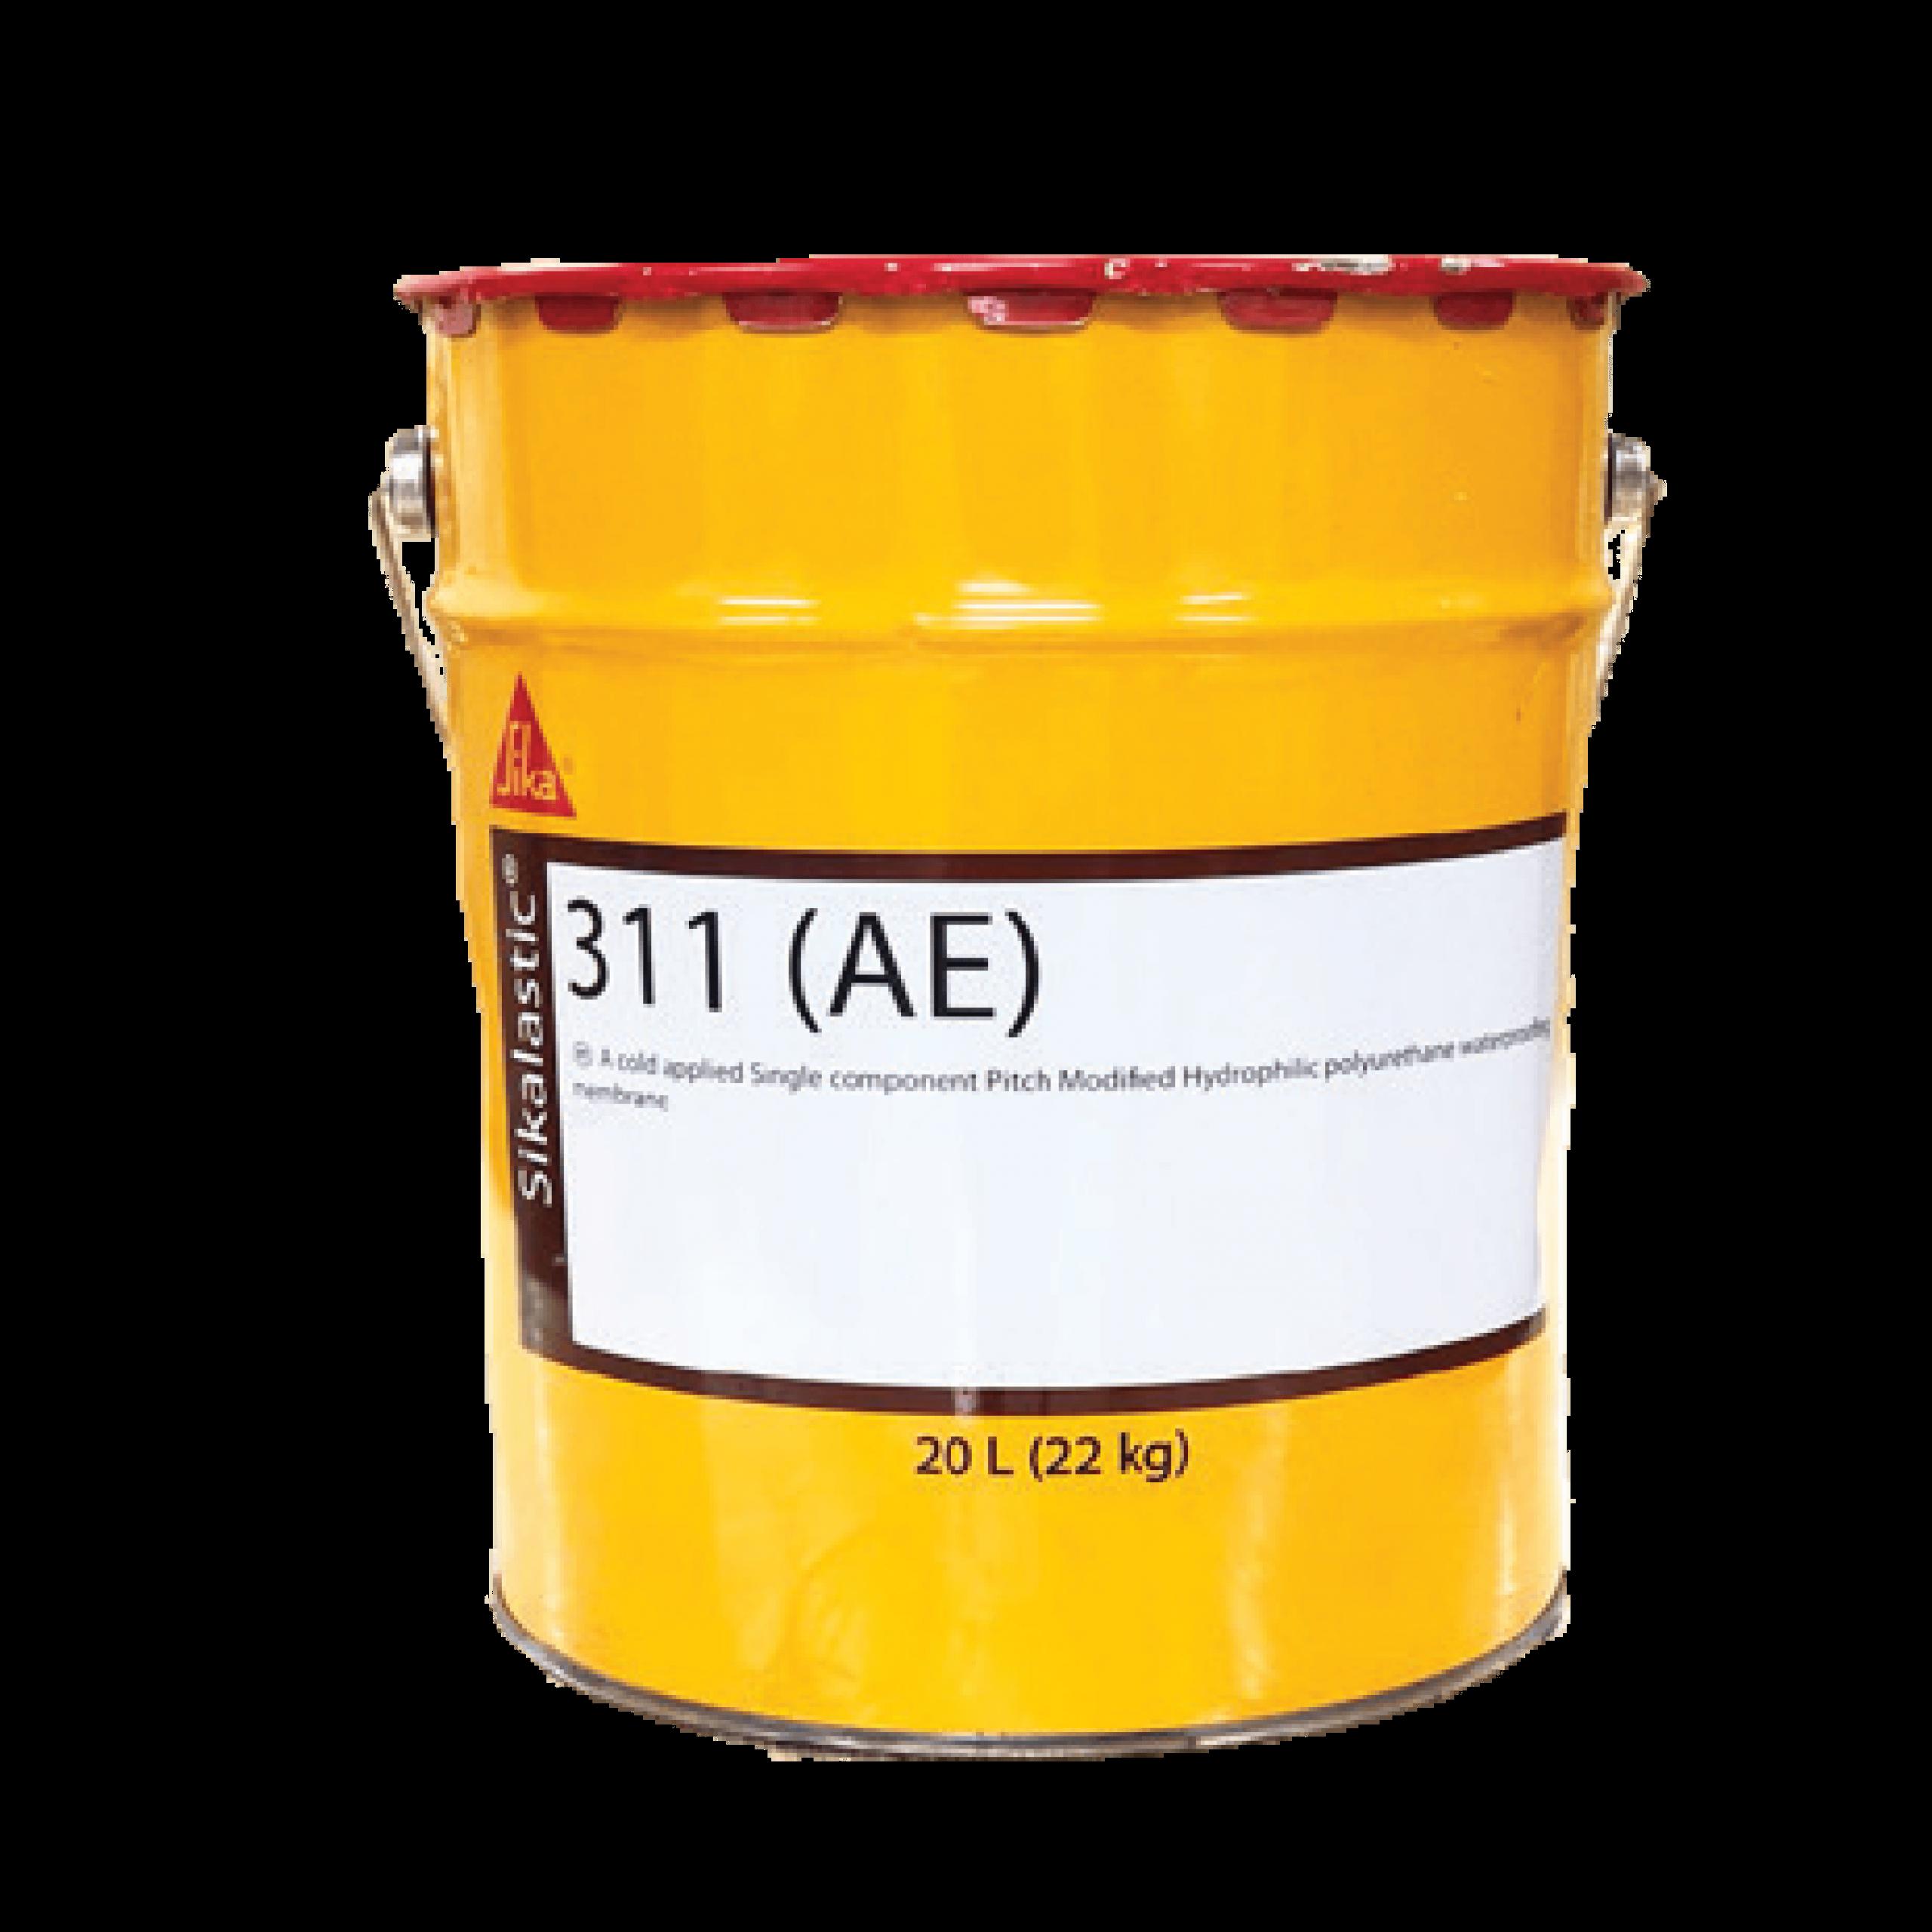 Sikalastic -311 (AE)